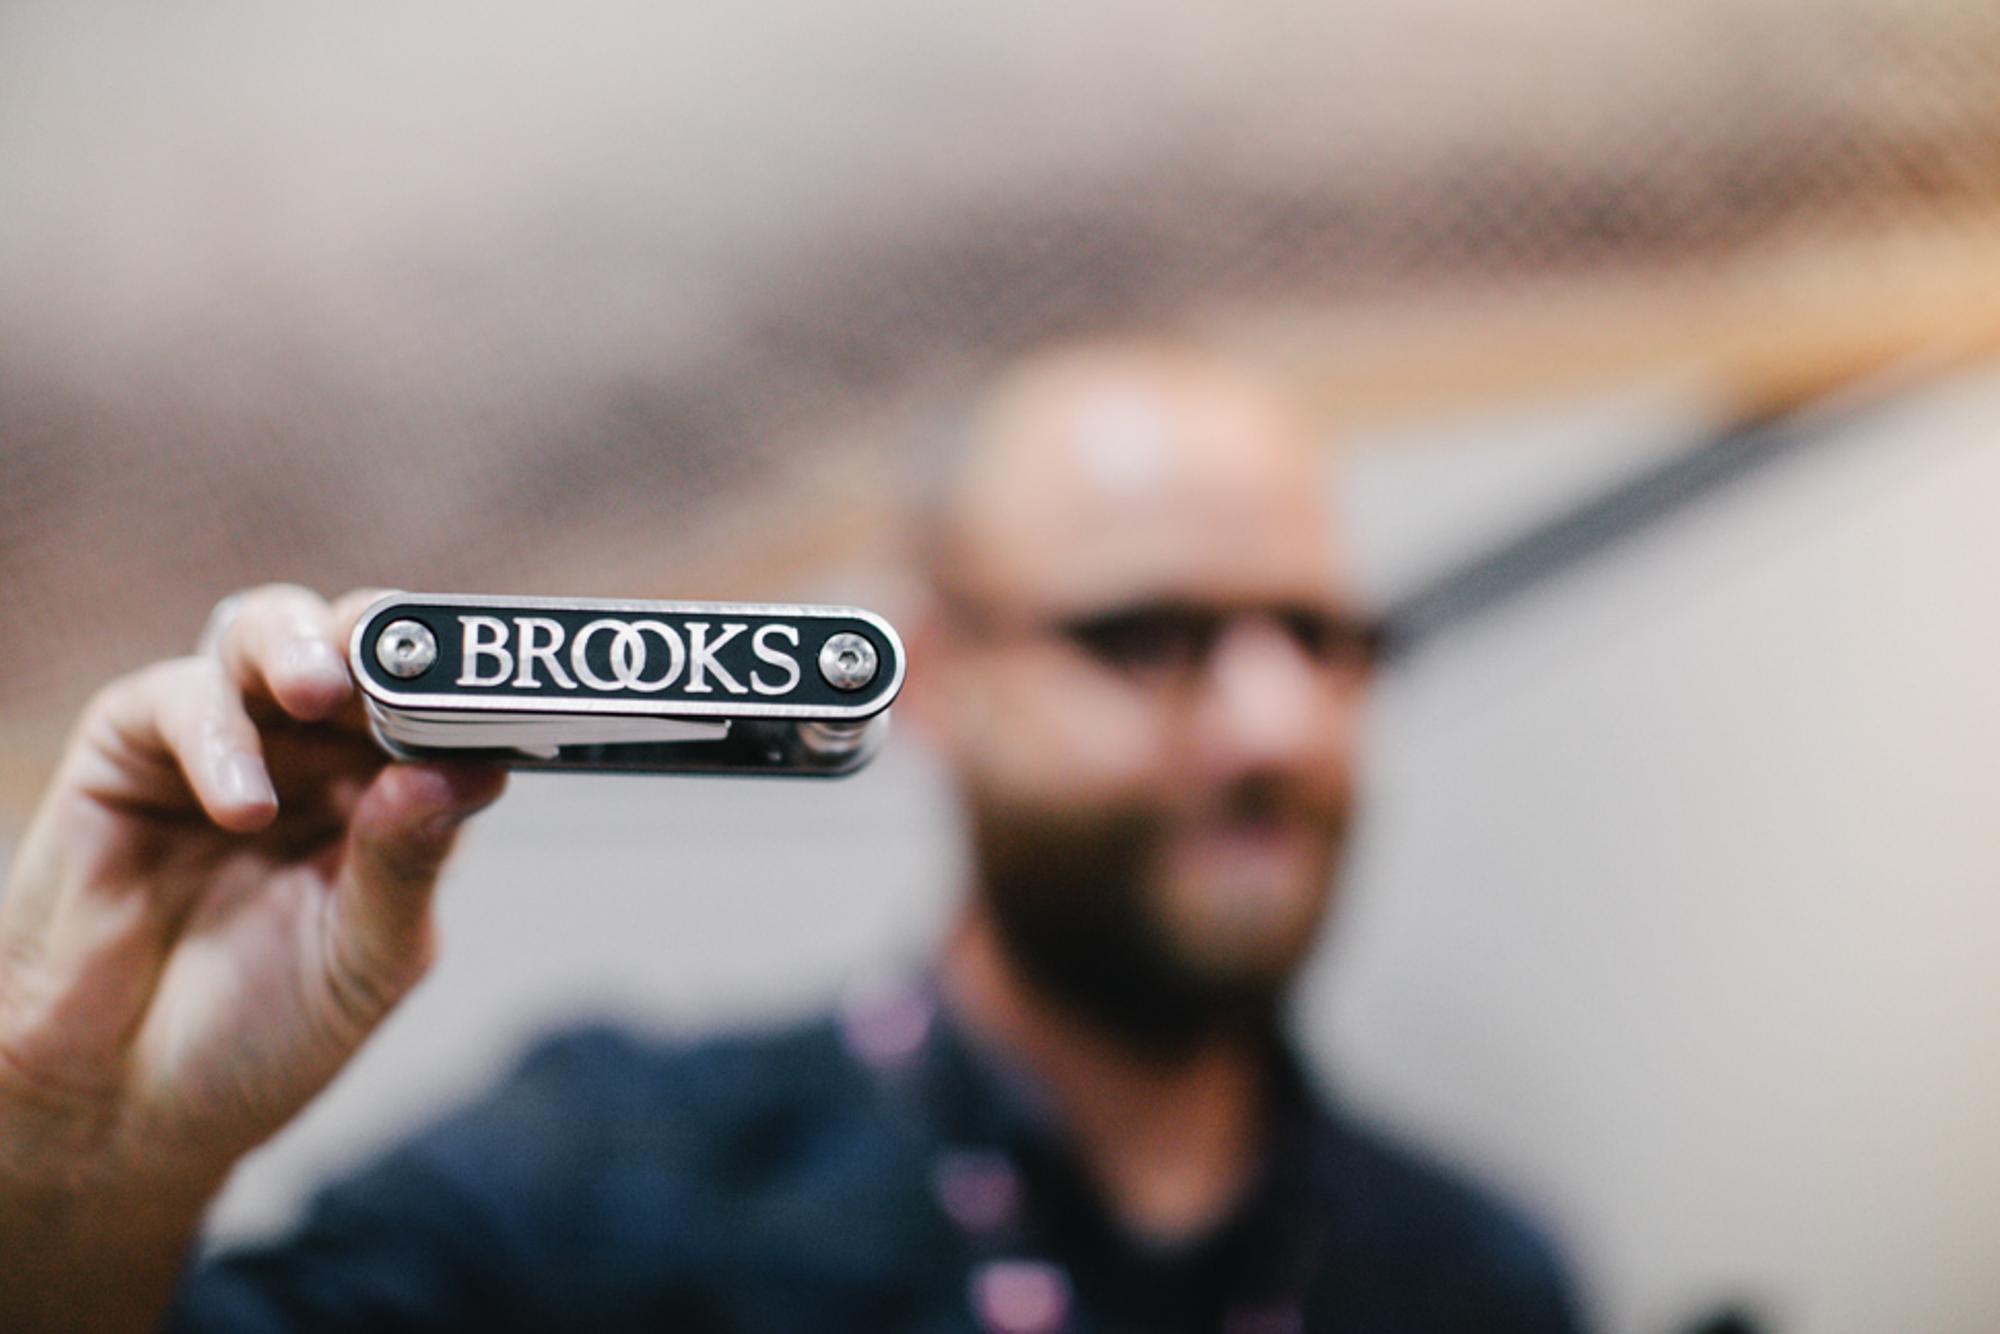 Brooks' new multi tool